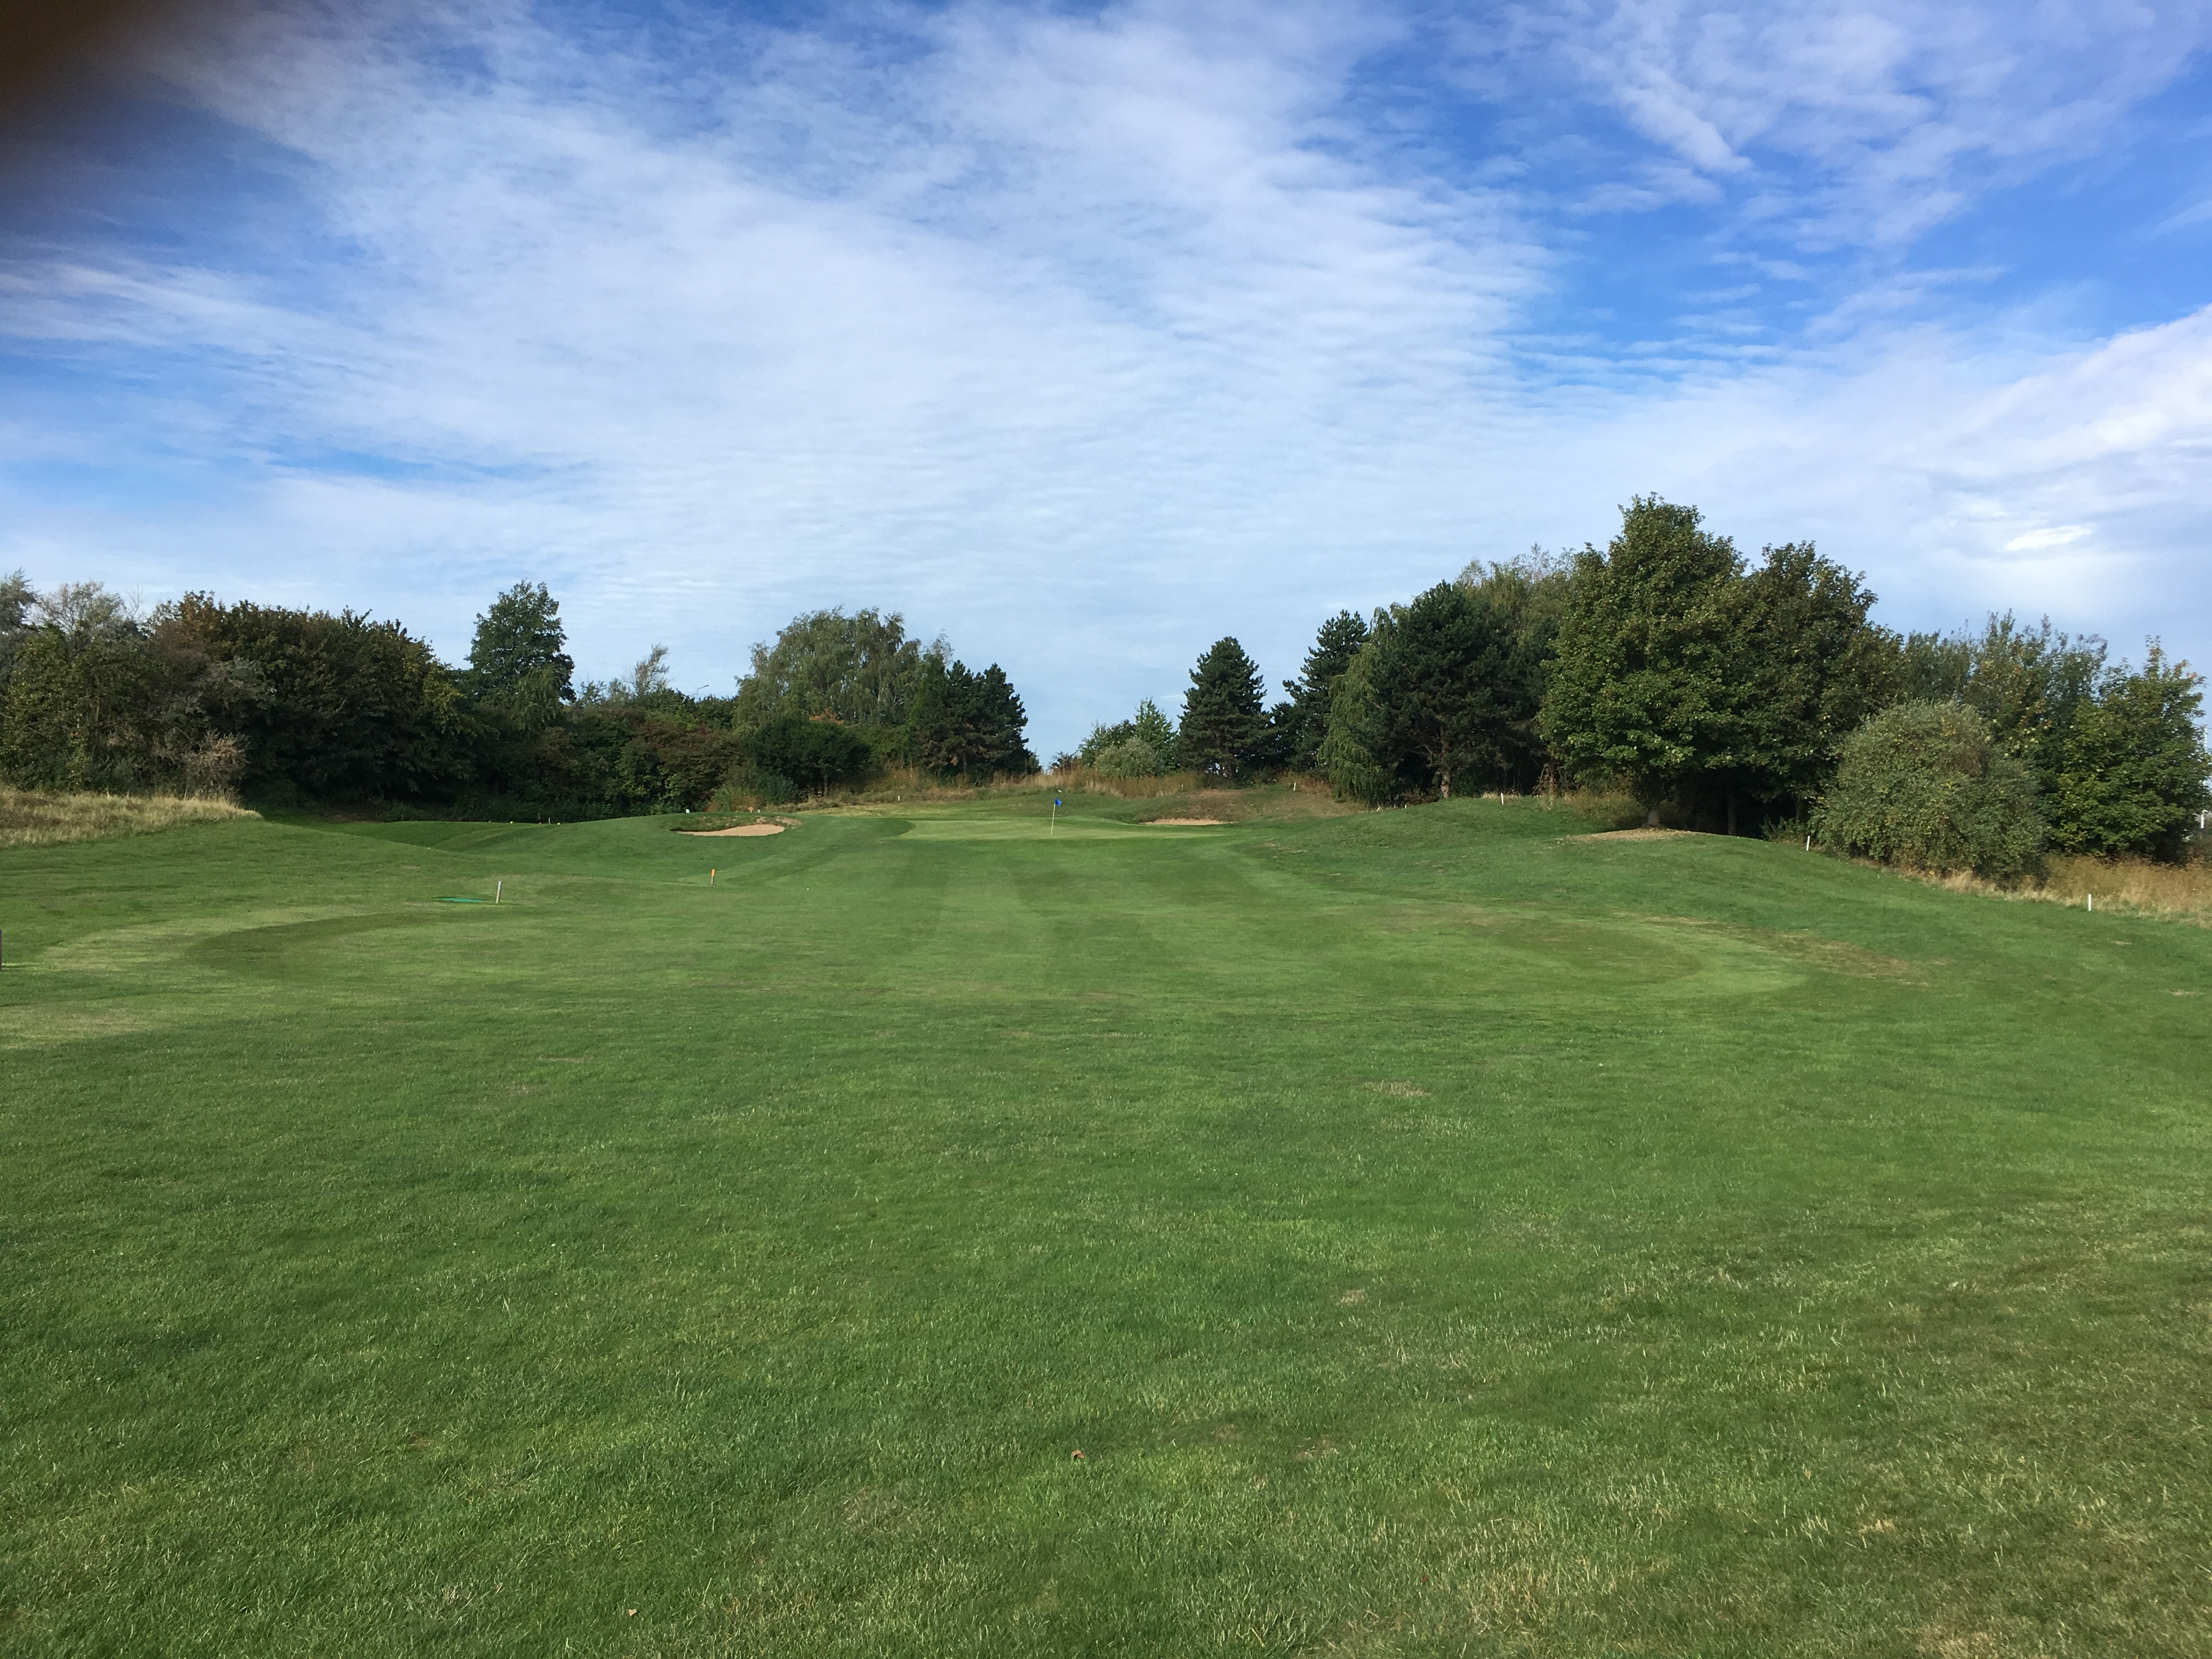 fandegolf.fr - premier competition de golf - parcours 9 trous